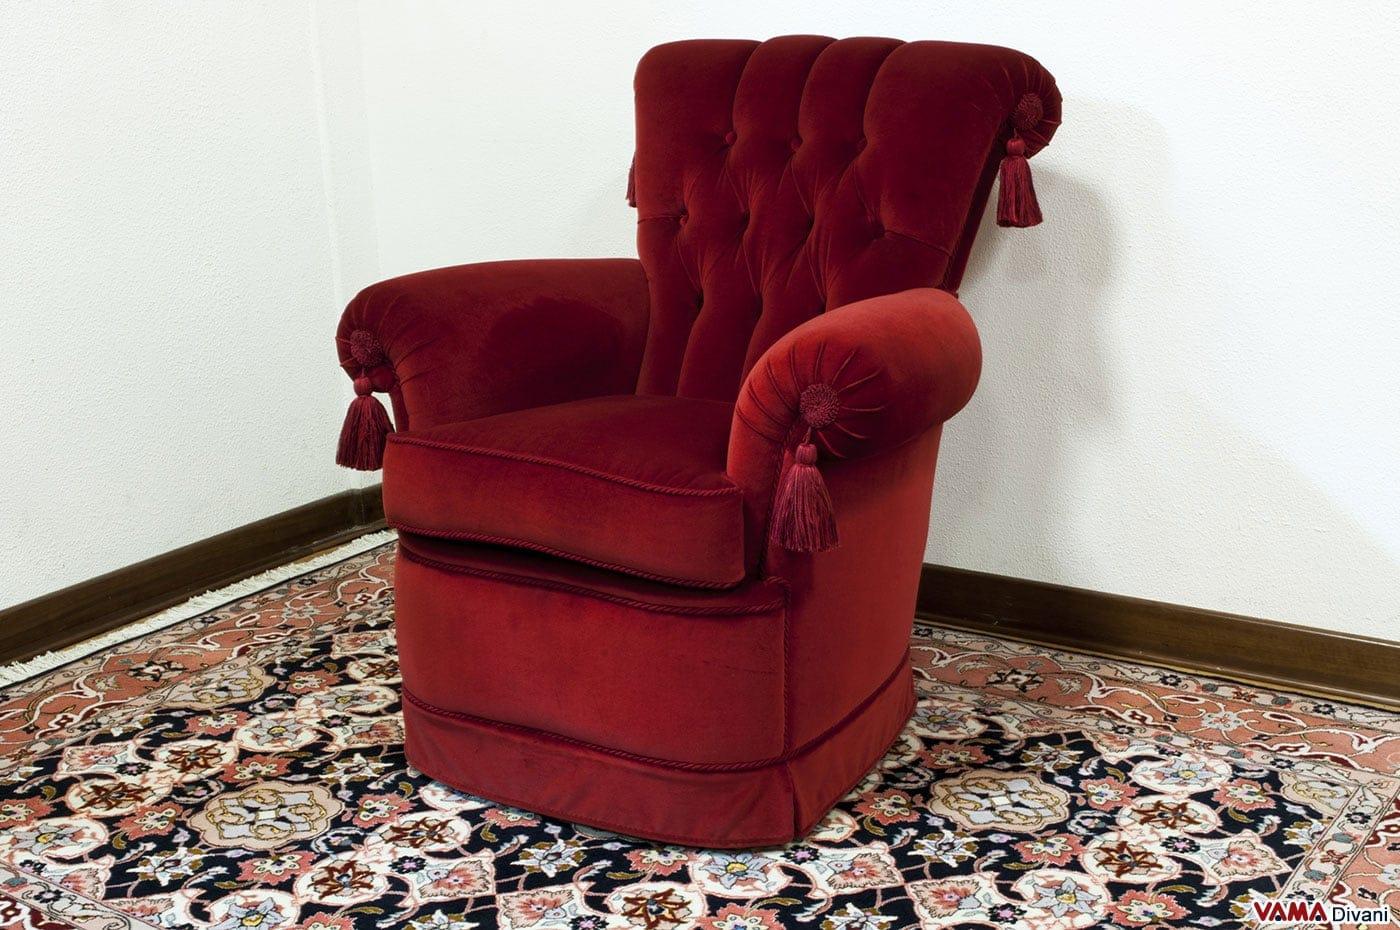 Poltroncina asterina vama divani for Poltrona classica camera da letto